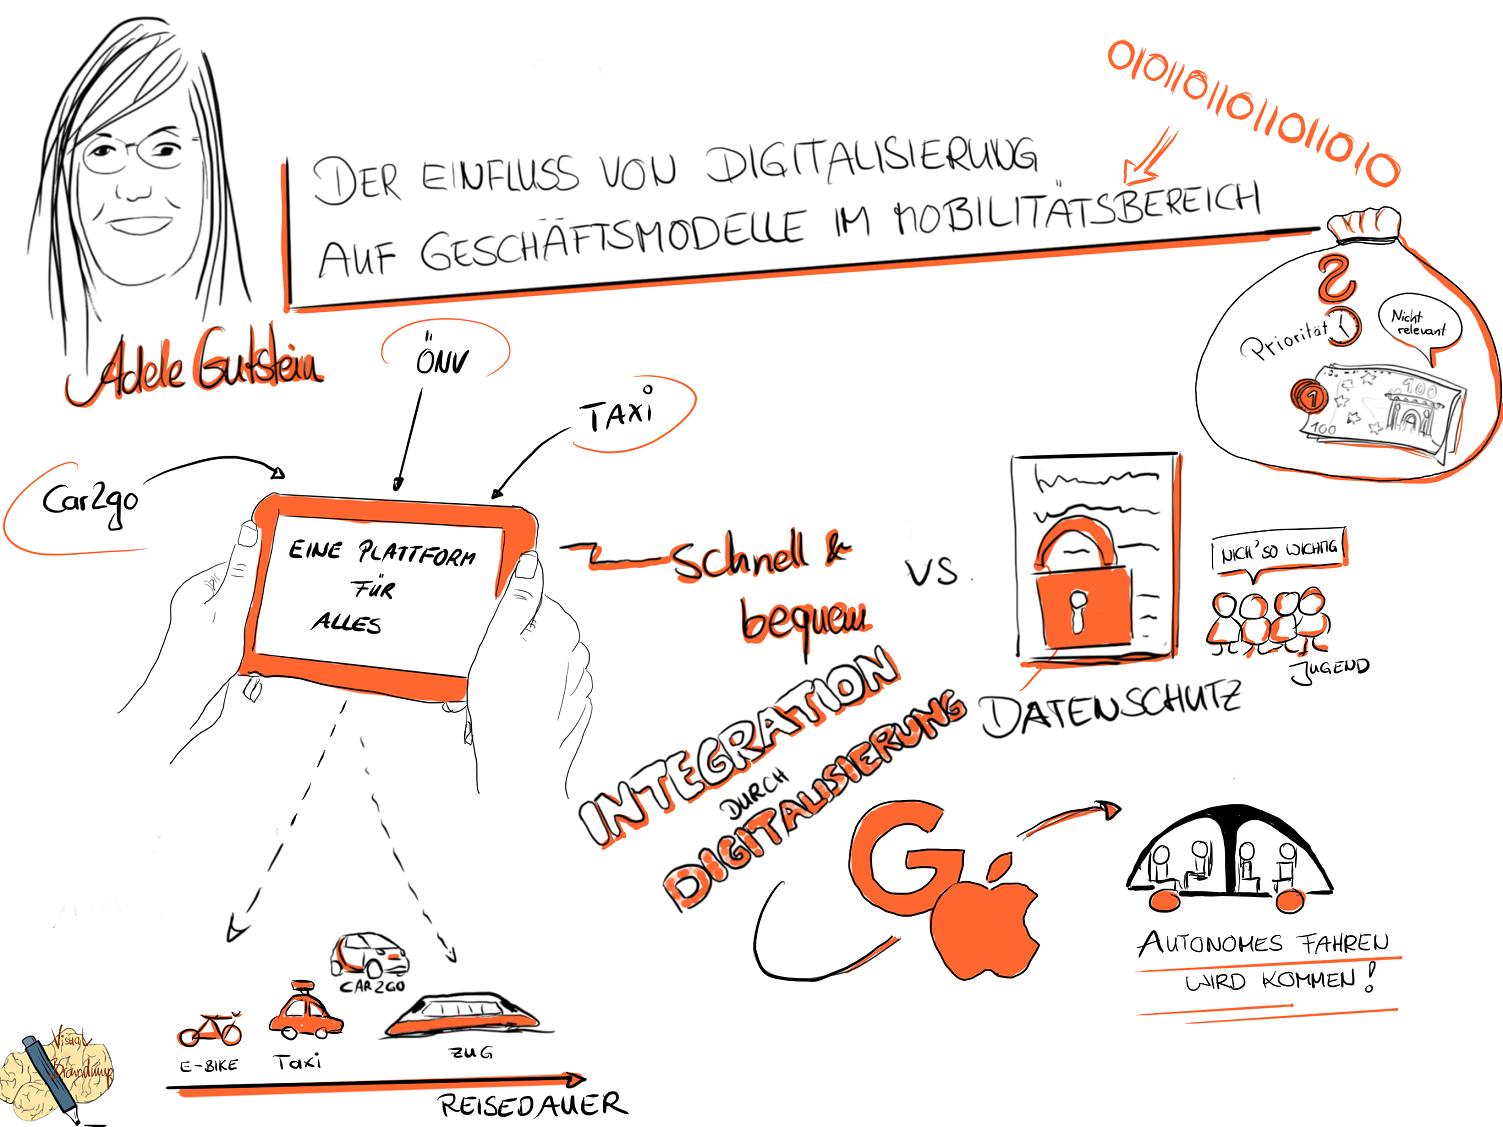 Adele Gutstein von car2go sprach über die Zukunft der Mobilität im 21 Jahrhundert.